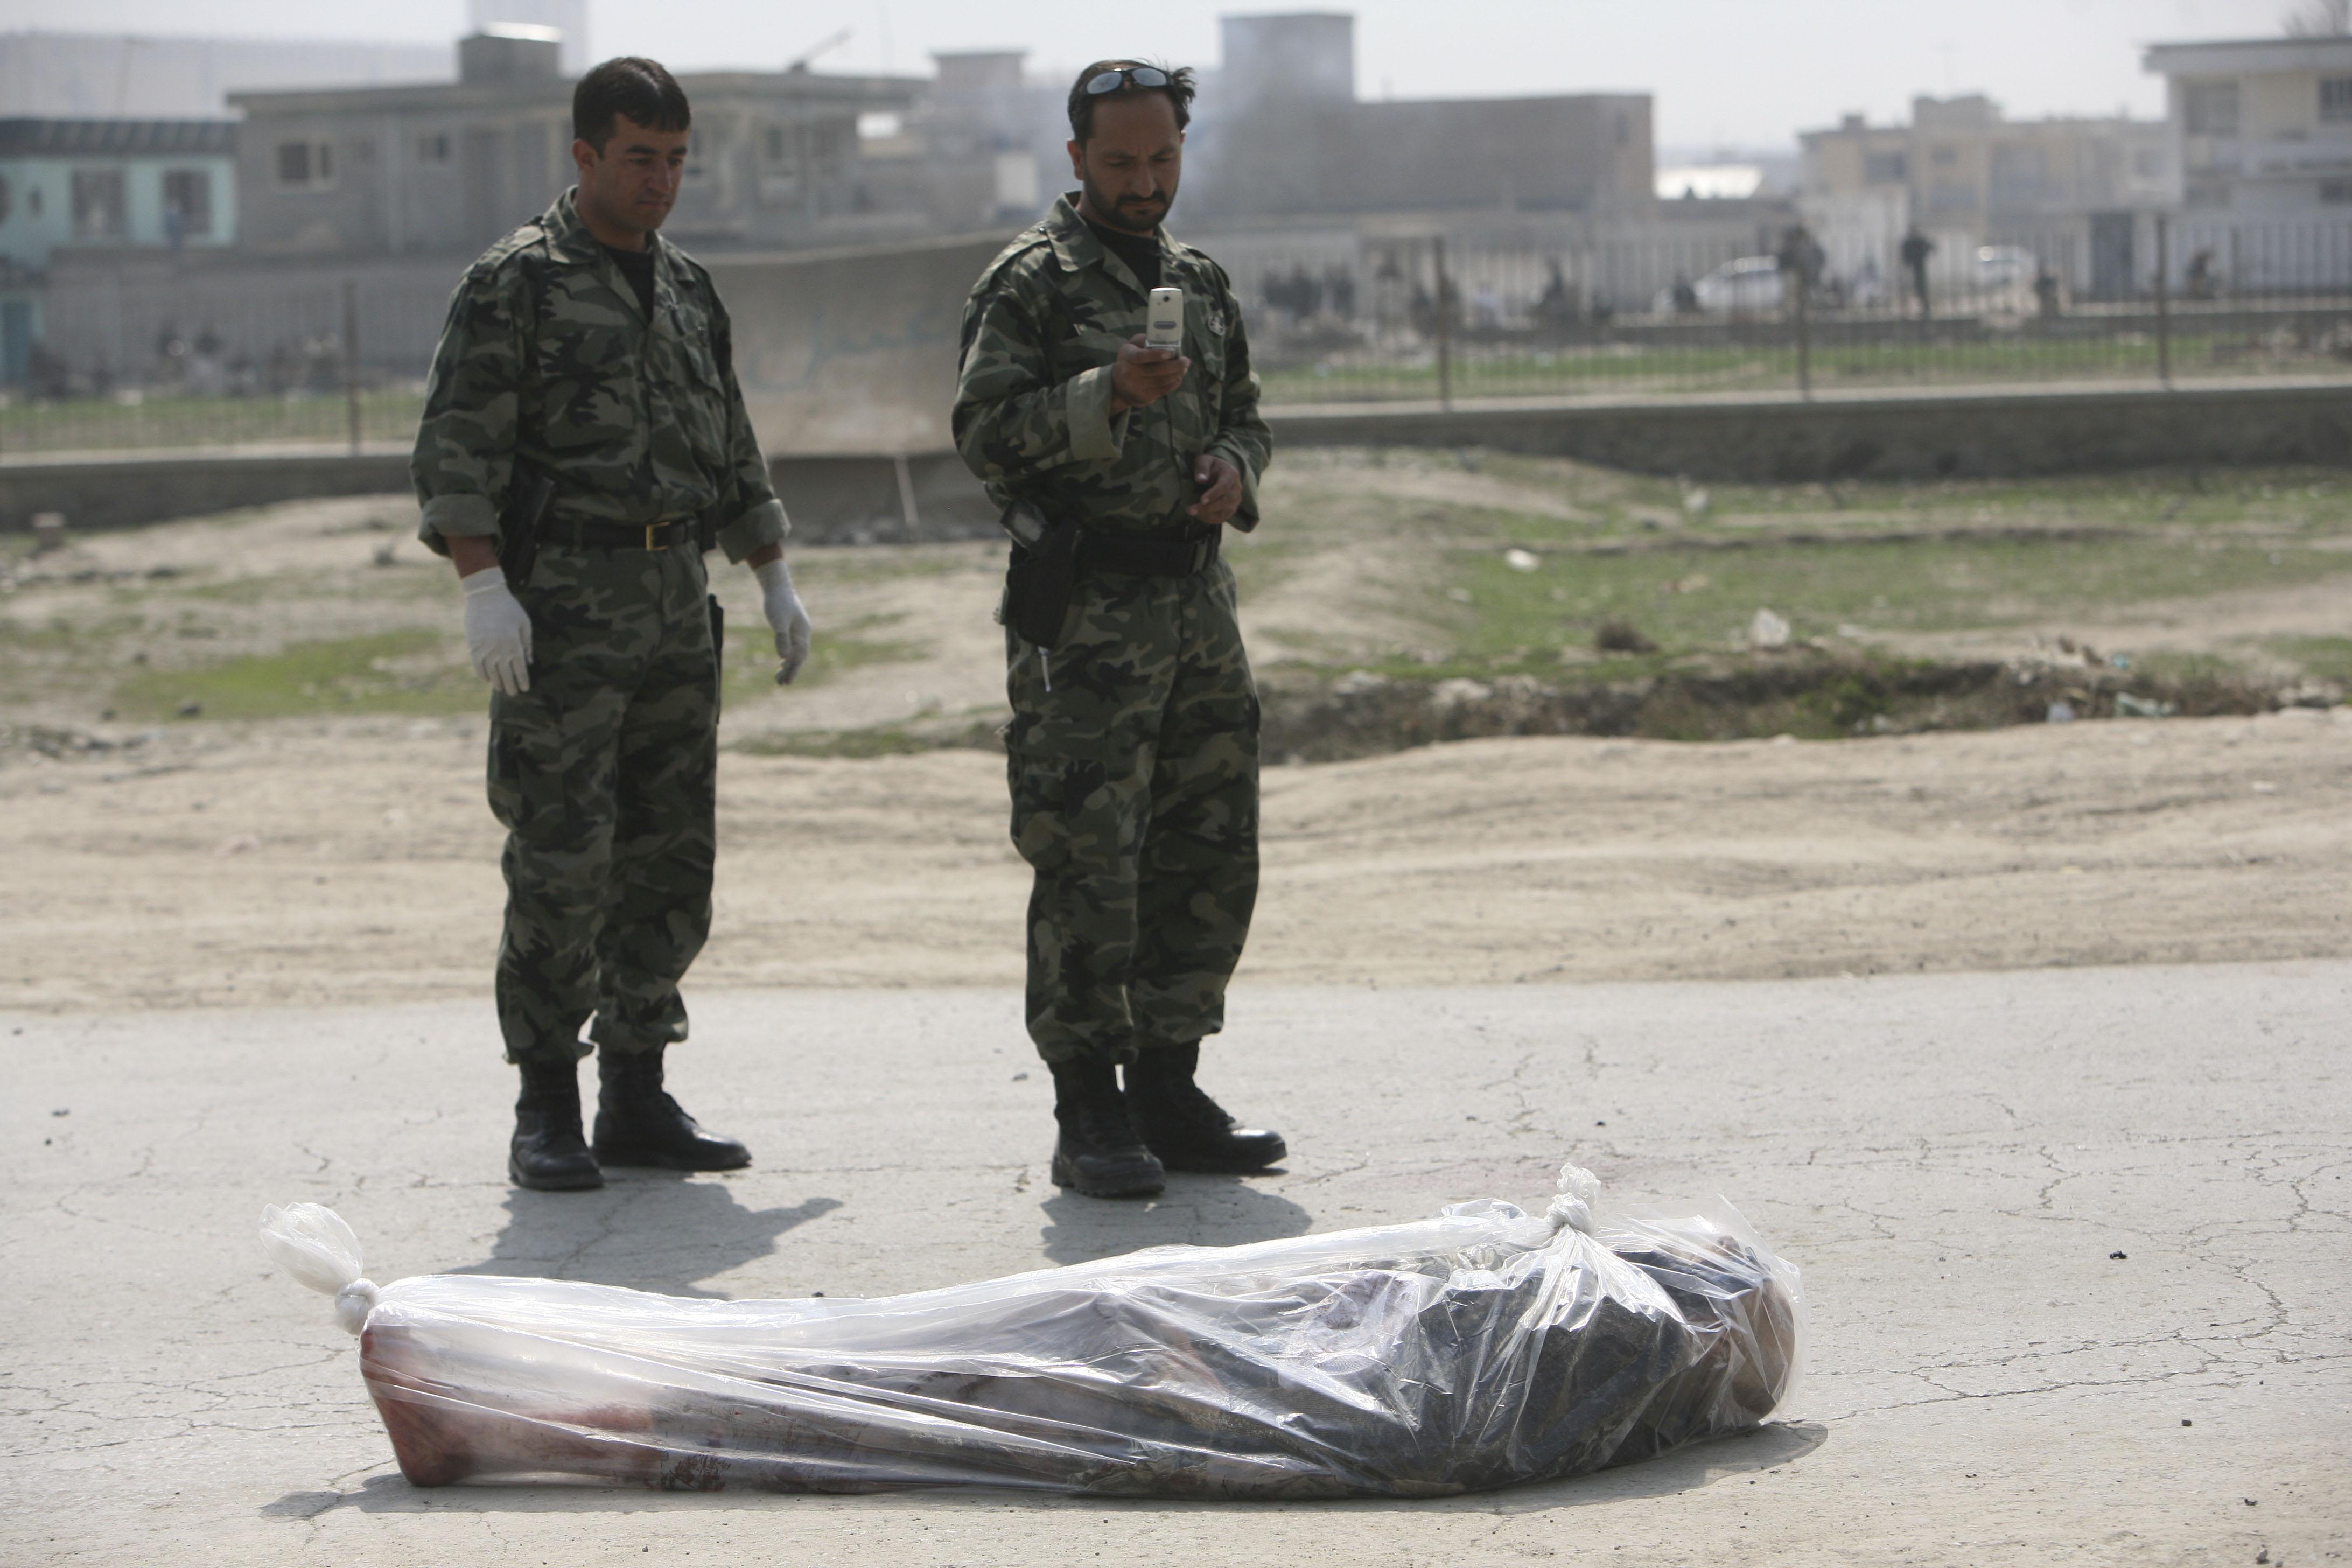 Deux kamikazes Taliban se sont fait explosés sur un convoi, emportant avec eux un viel homme qui vendait du yahourt sur le bord de la route. La mort est tellement présente qu'elle n'éffraie plus. Des soldats afghans prennent la victime en photo avec leur téléphone portable.